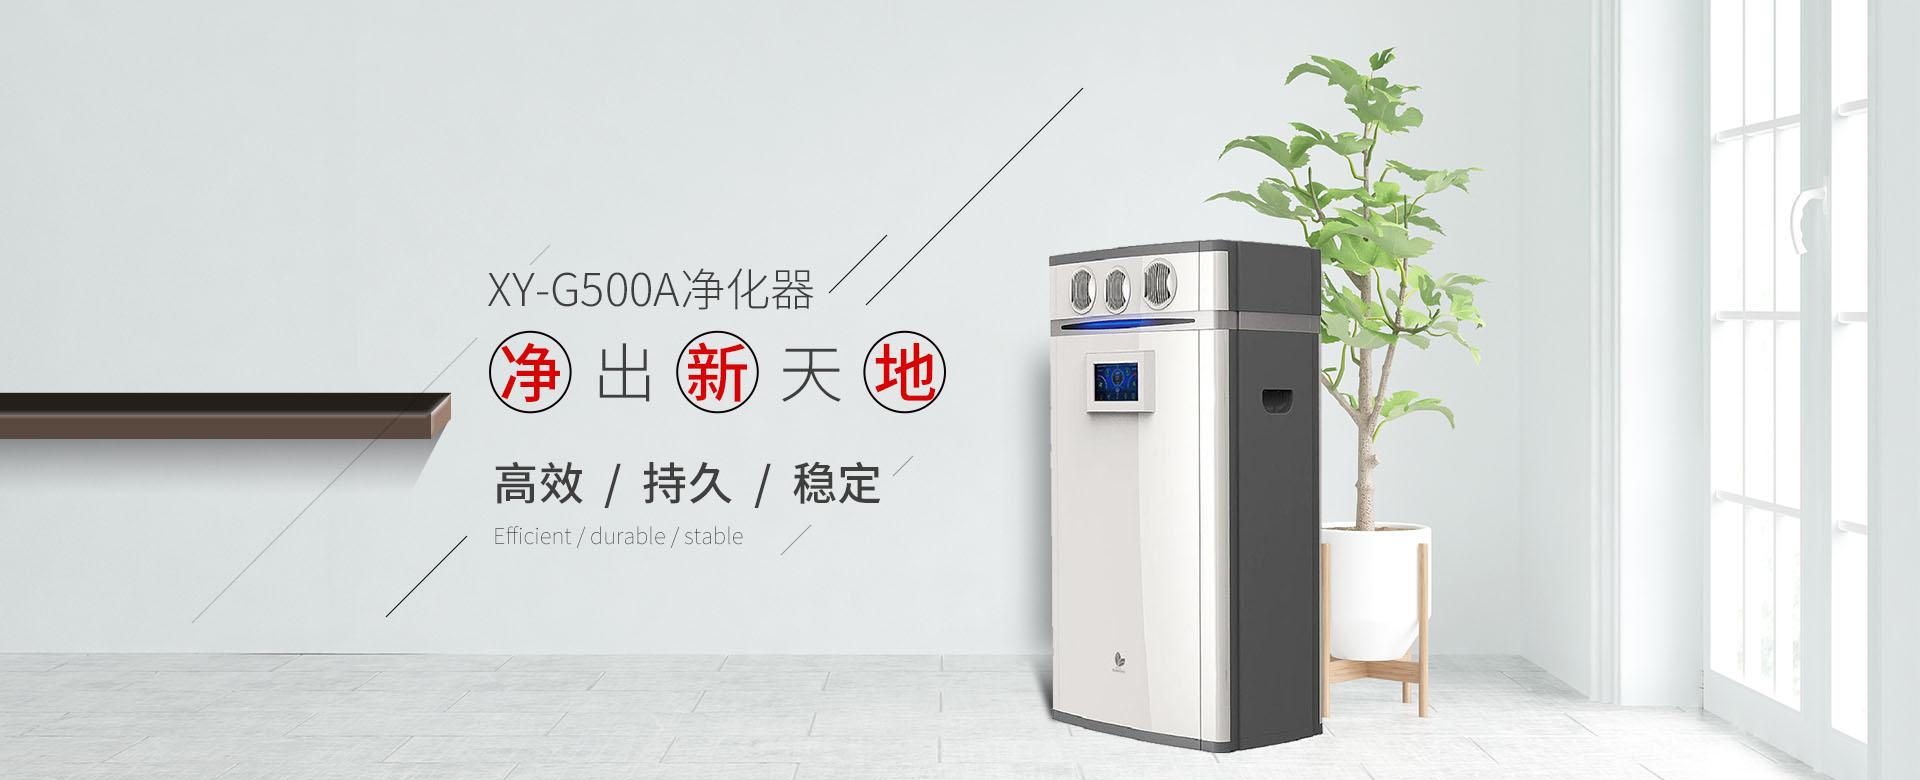 空气净化器设备厂家